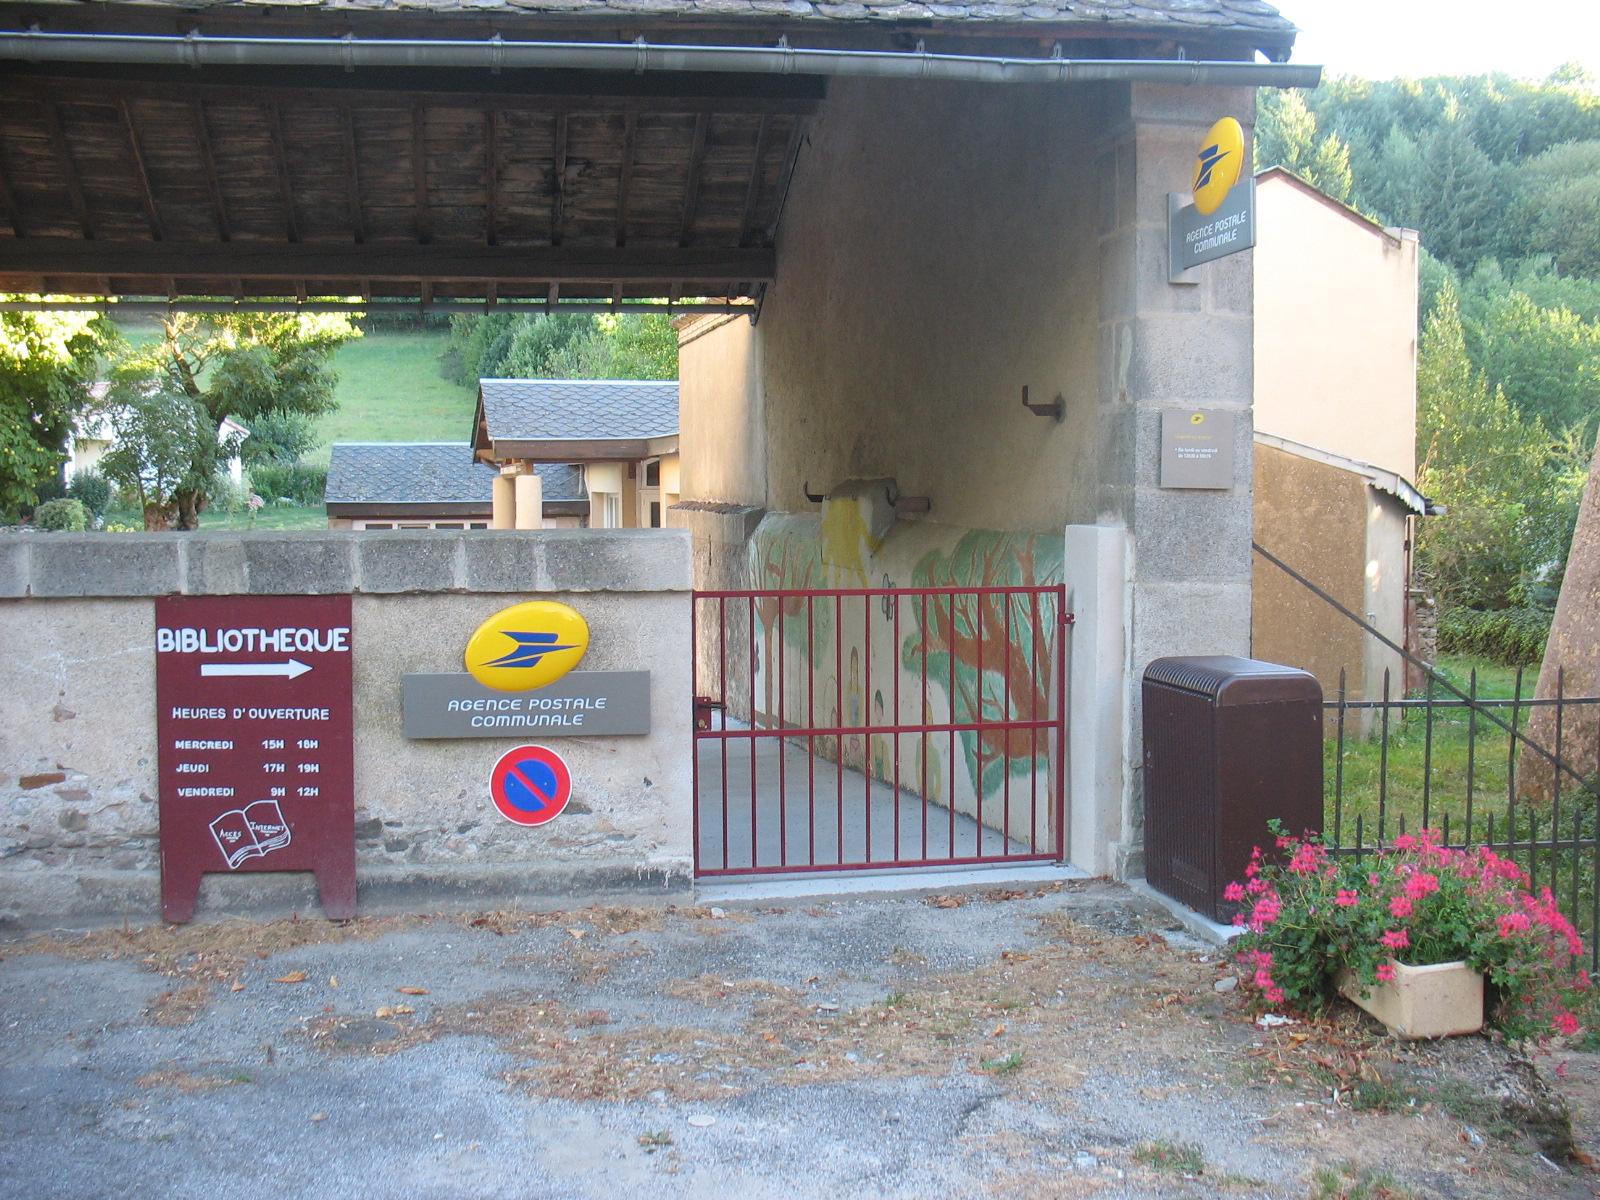 Agence postale communale de FAYET